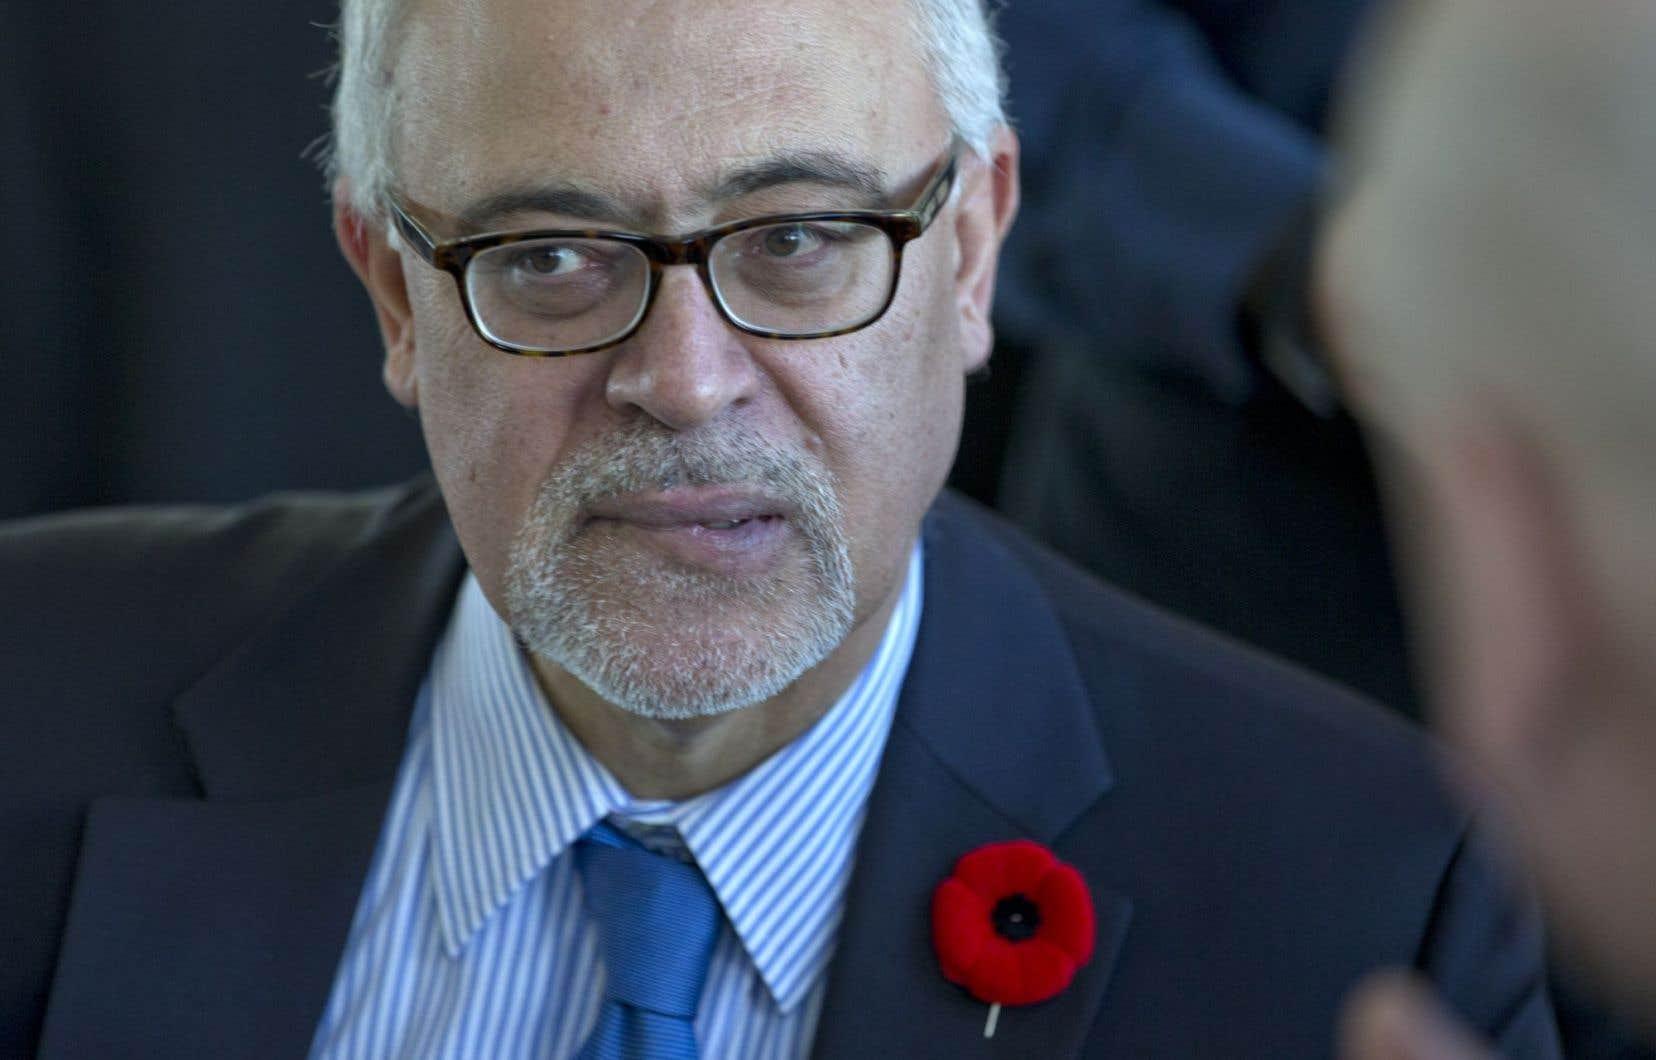 Au total, le ministre des Finances, Carlos Leitao, a annoncé mardi pour 600 millions de mesures fiscales à imposer dans le cadre du retour prévu à l'équilibre budgétaire lors de l'exercice 2015-2016.